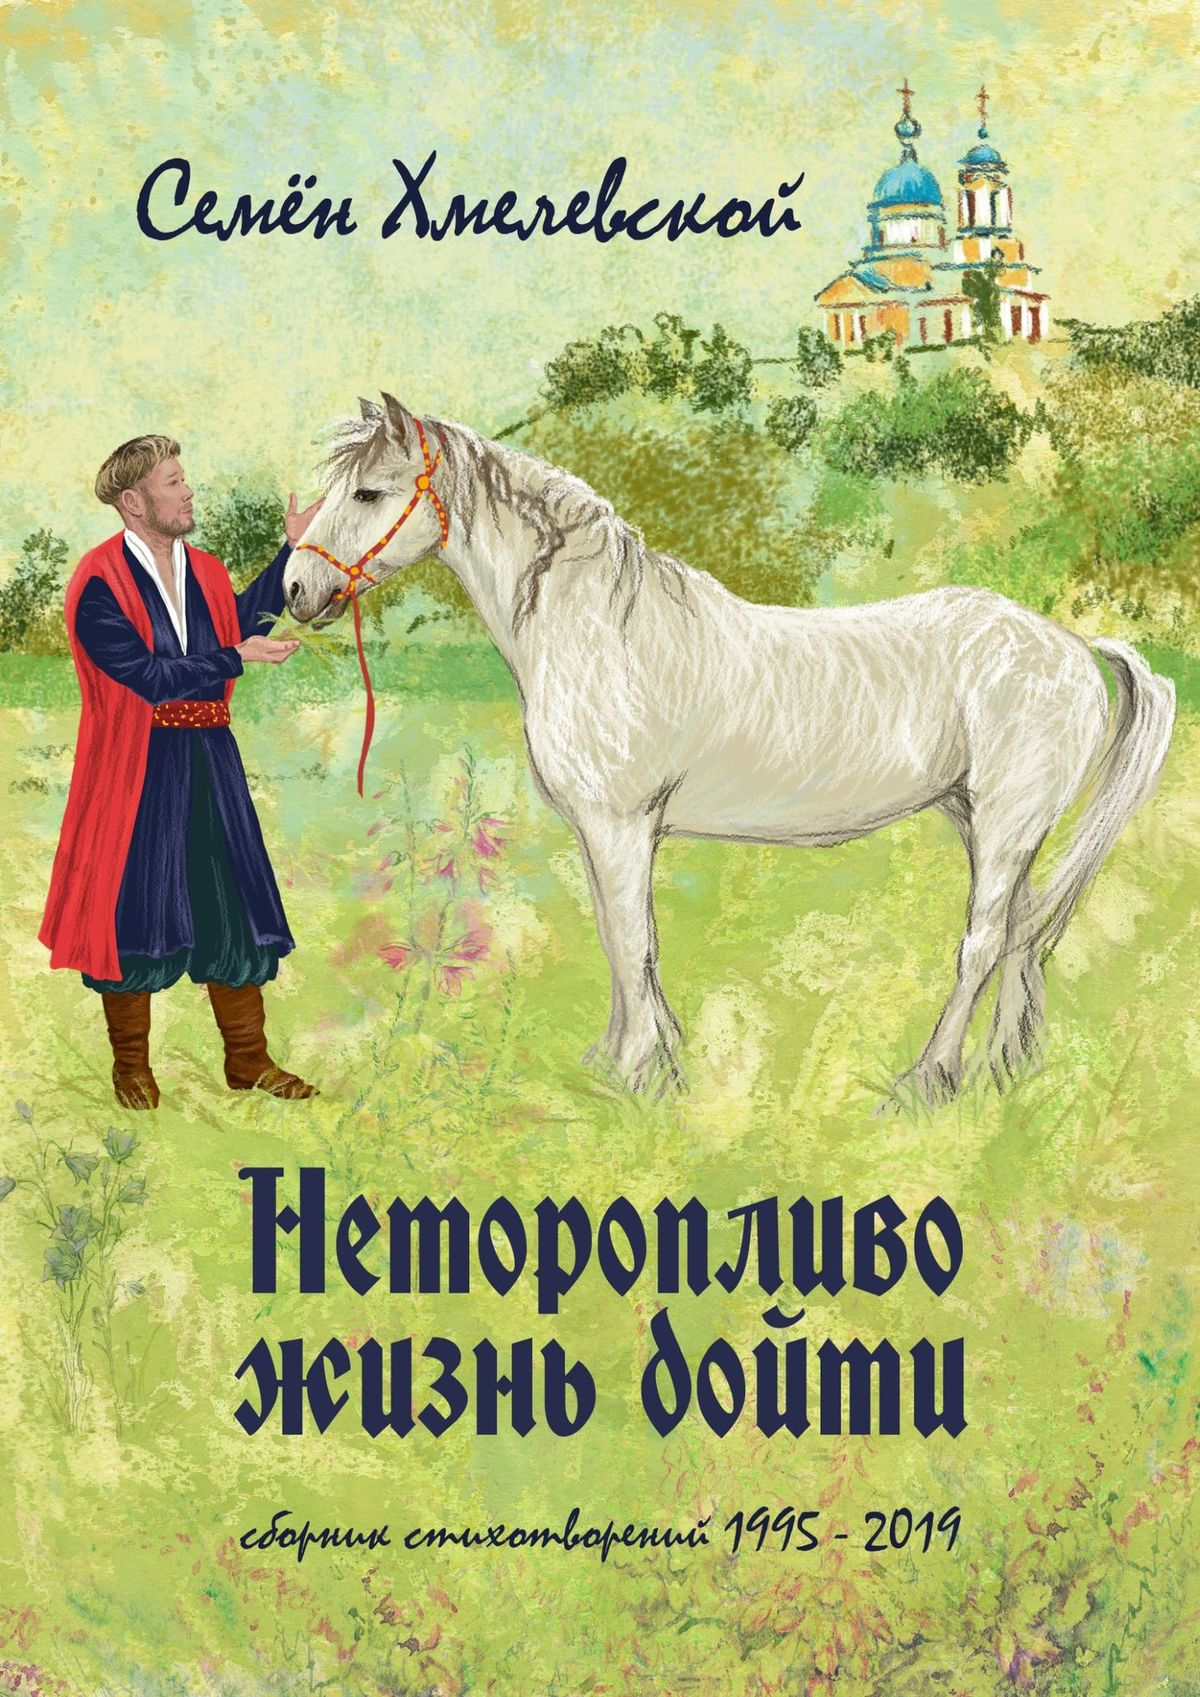 Семён Сергеевич Хмелевской Неторопливо жизнь дойти. сборник стихотворений (1995—2019)